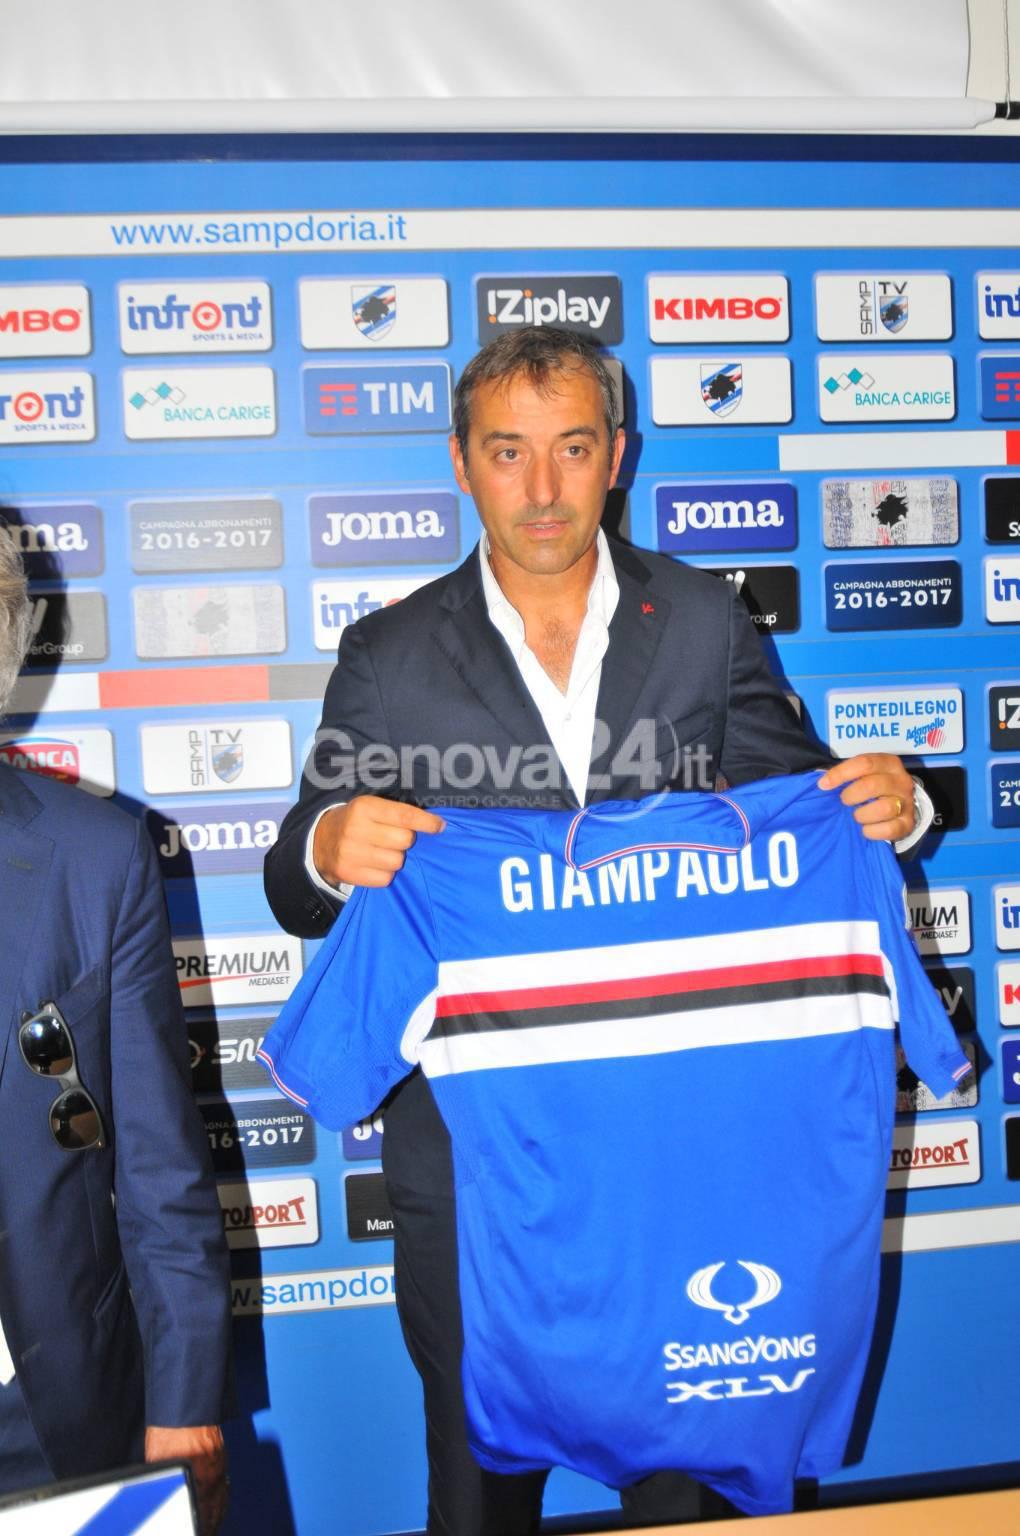 Presentazione Marco Giampaolo